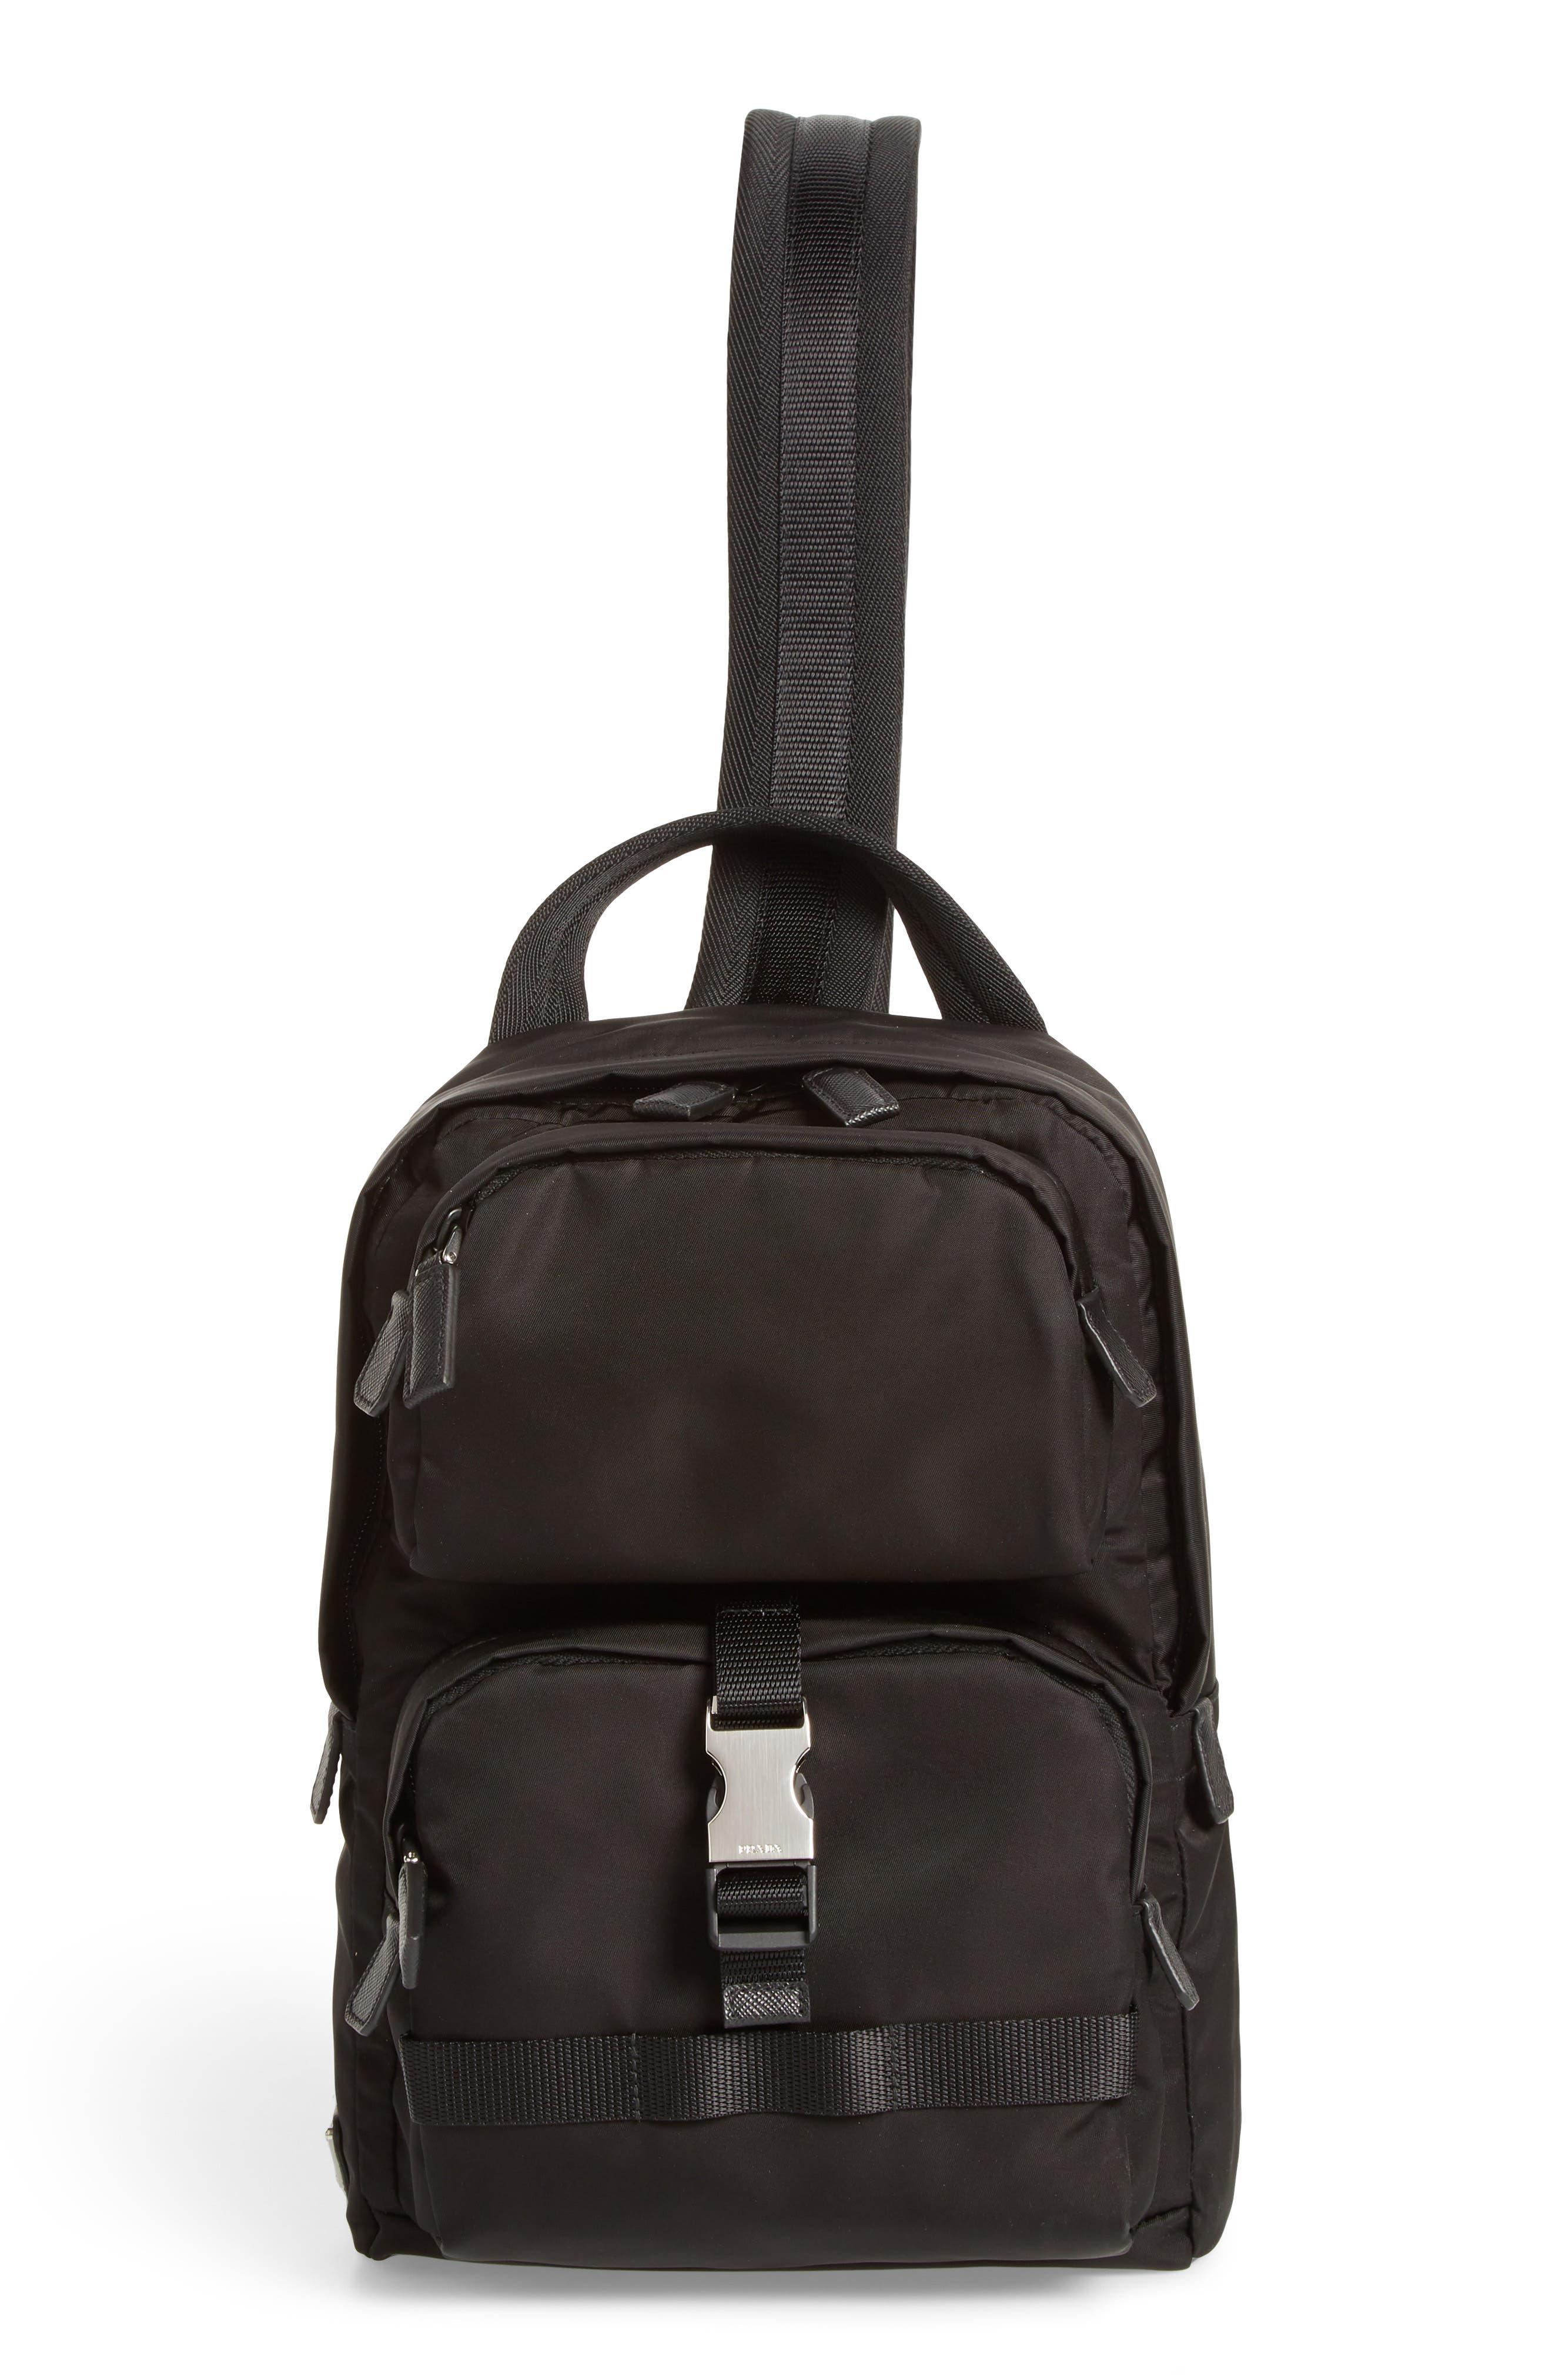 PRADA,                             Tessuto Small Sling Bag,                             Main thumbnail 1, color,                             001